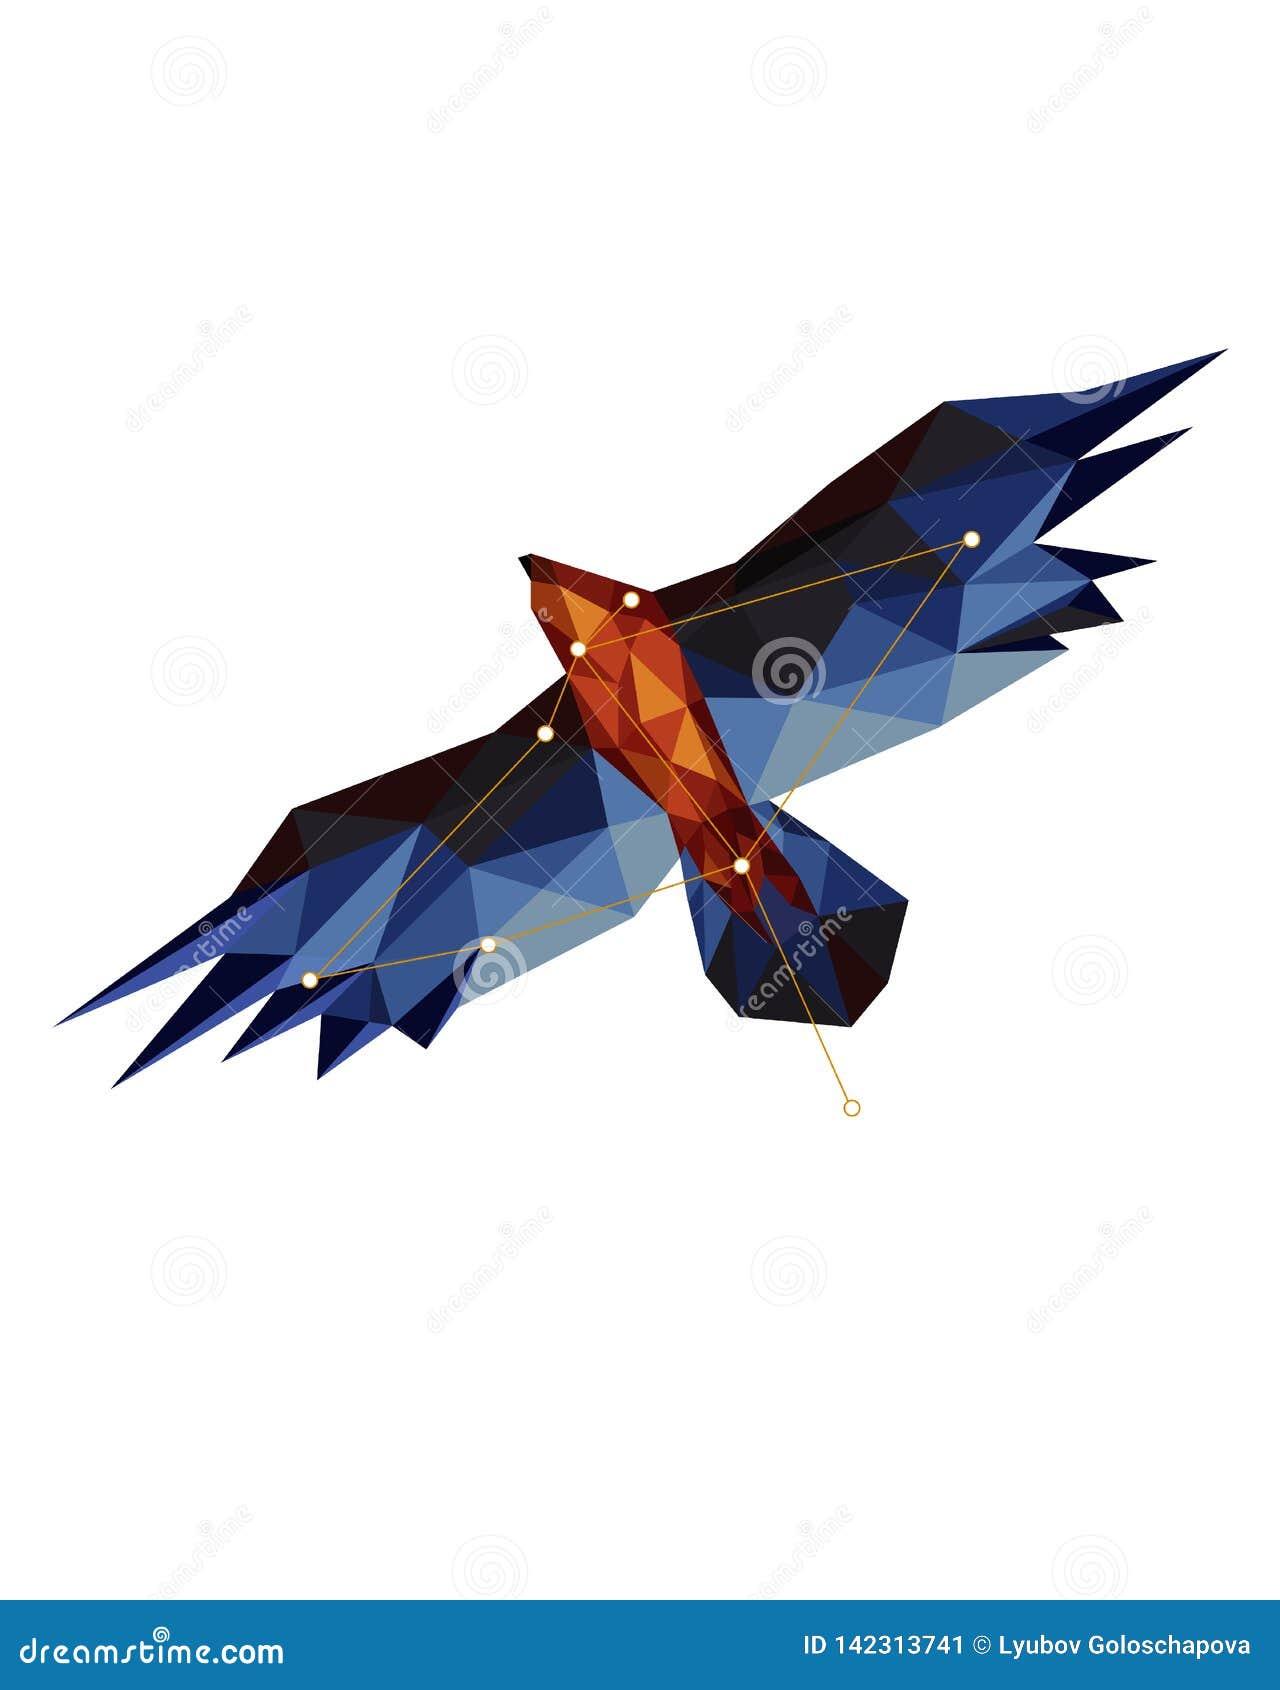 Kleurrijke cijferkunst van adelaar in lowpoly stijl op witte achtergrond